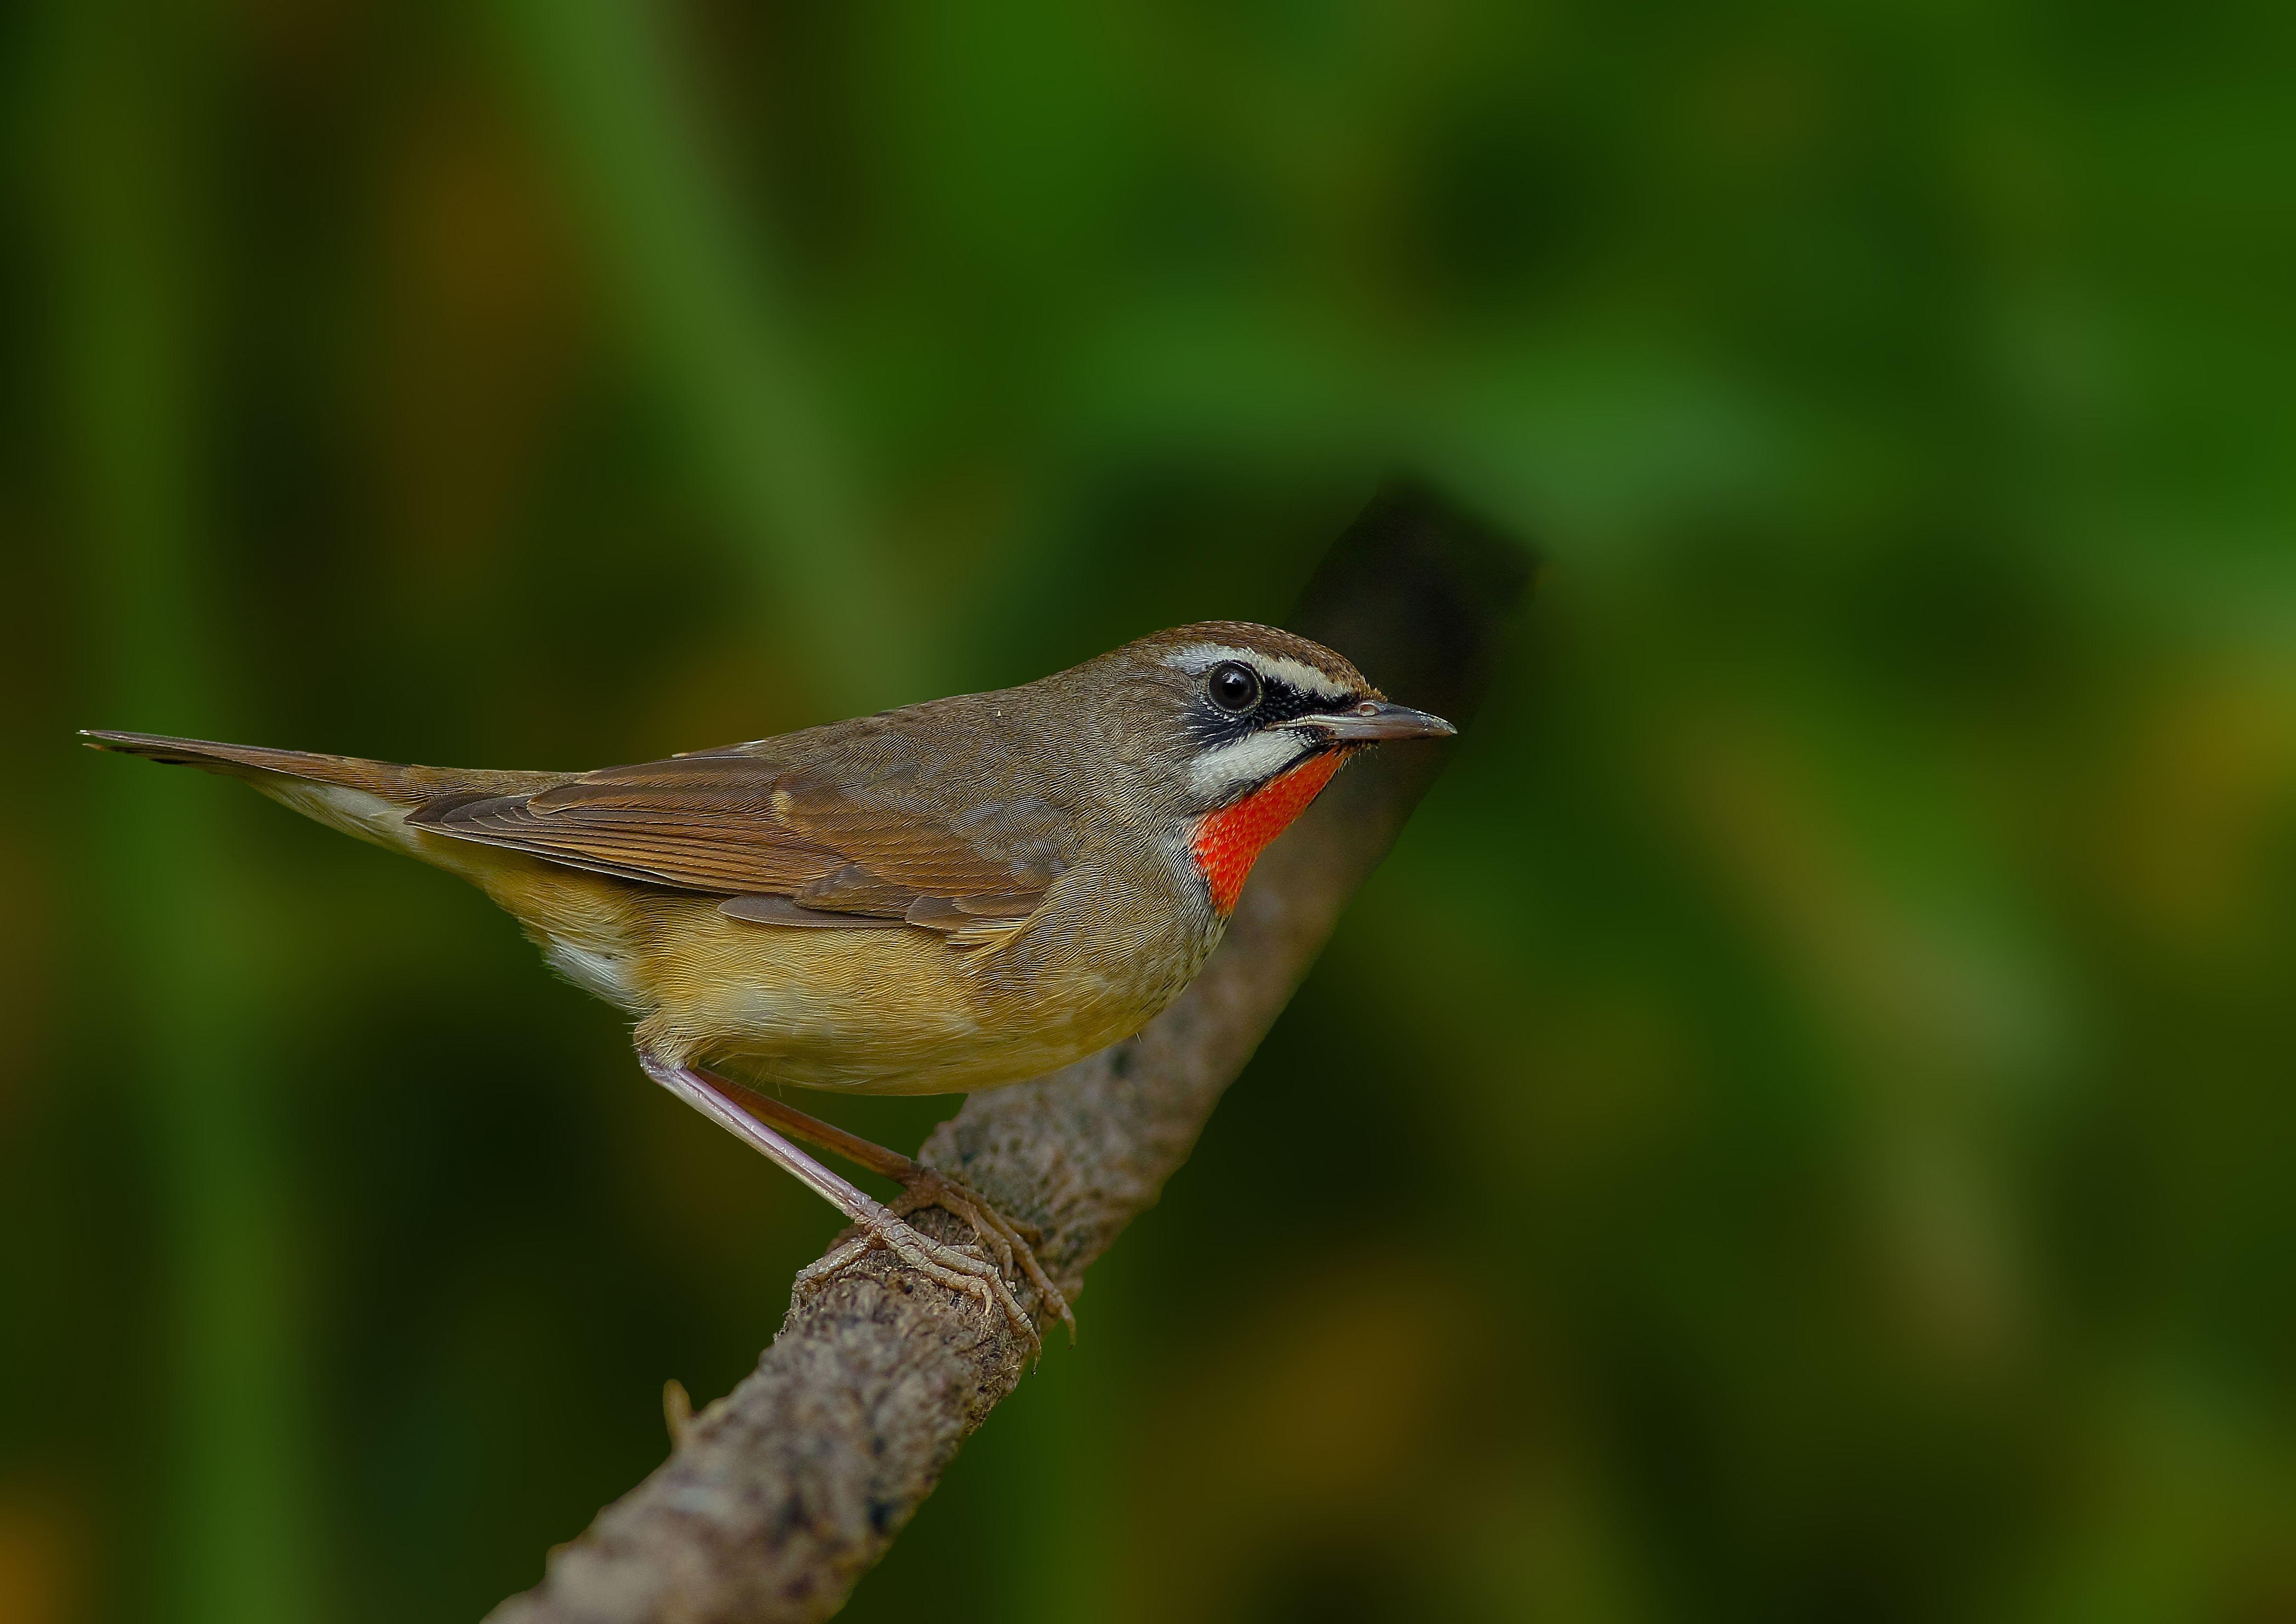 红靛颏鸟吃蔬菜吗 红靛颏鸟吃不吃蔬菜